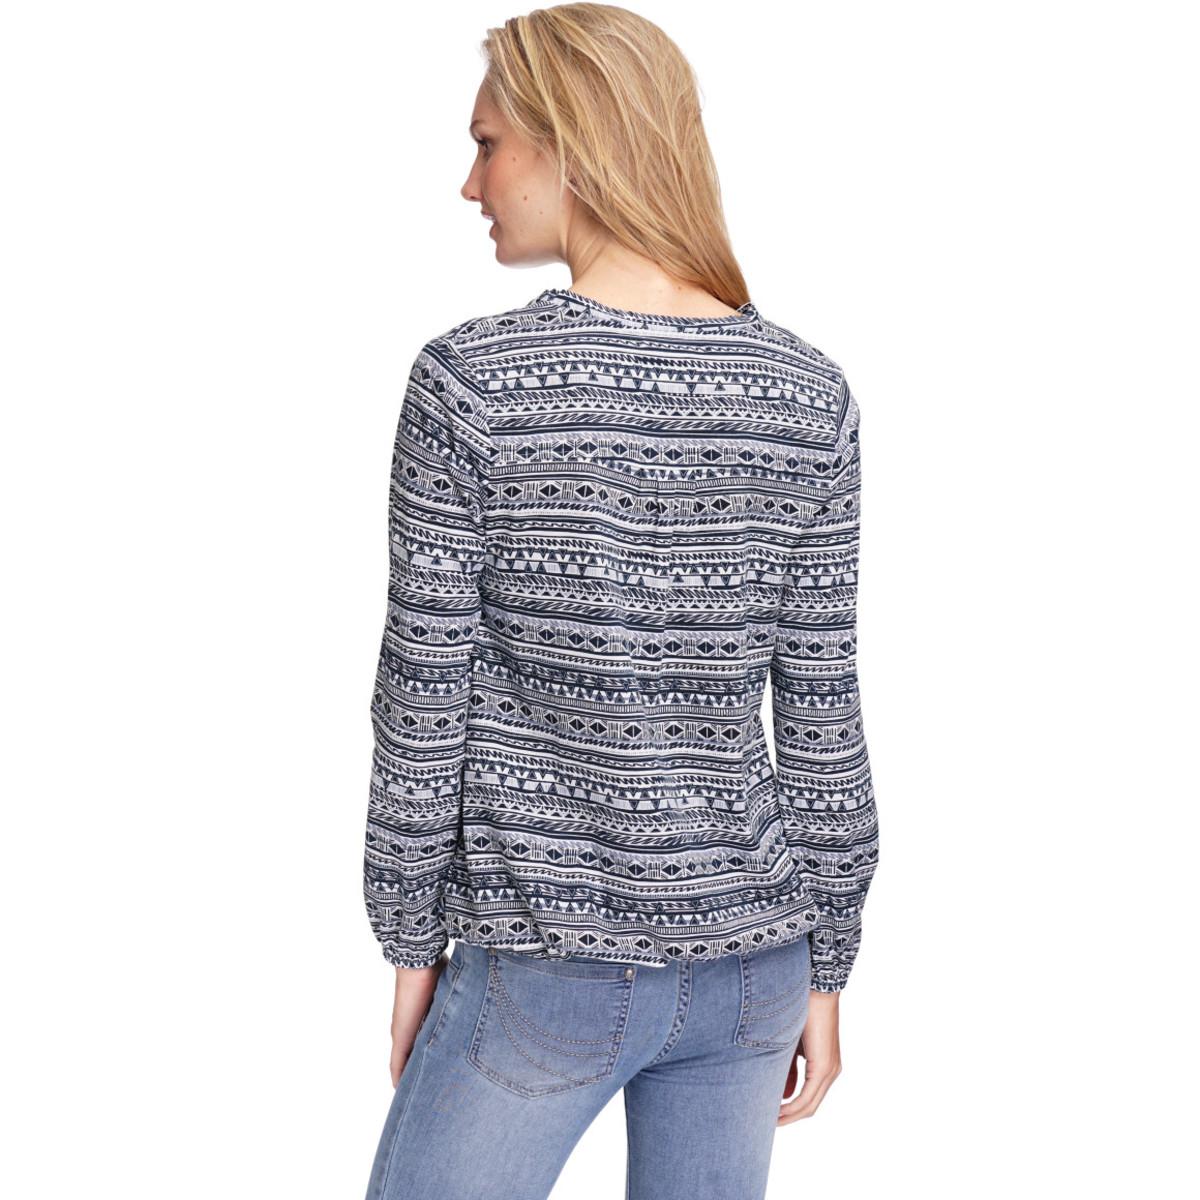 Bild 4 von Damen Langarmshirt mit Allover-Muster